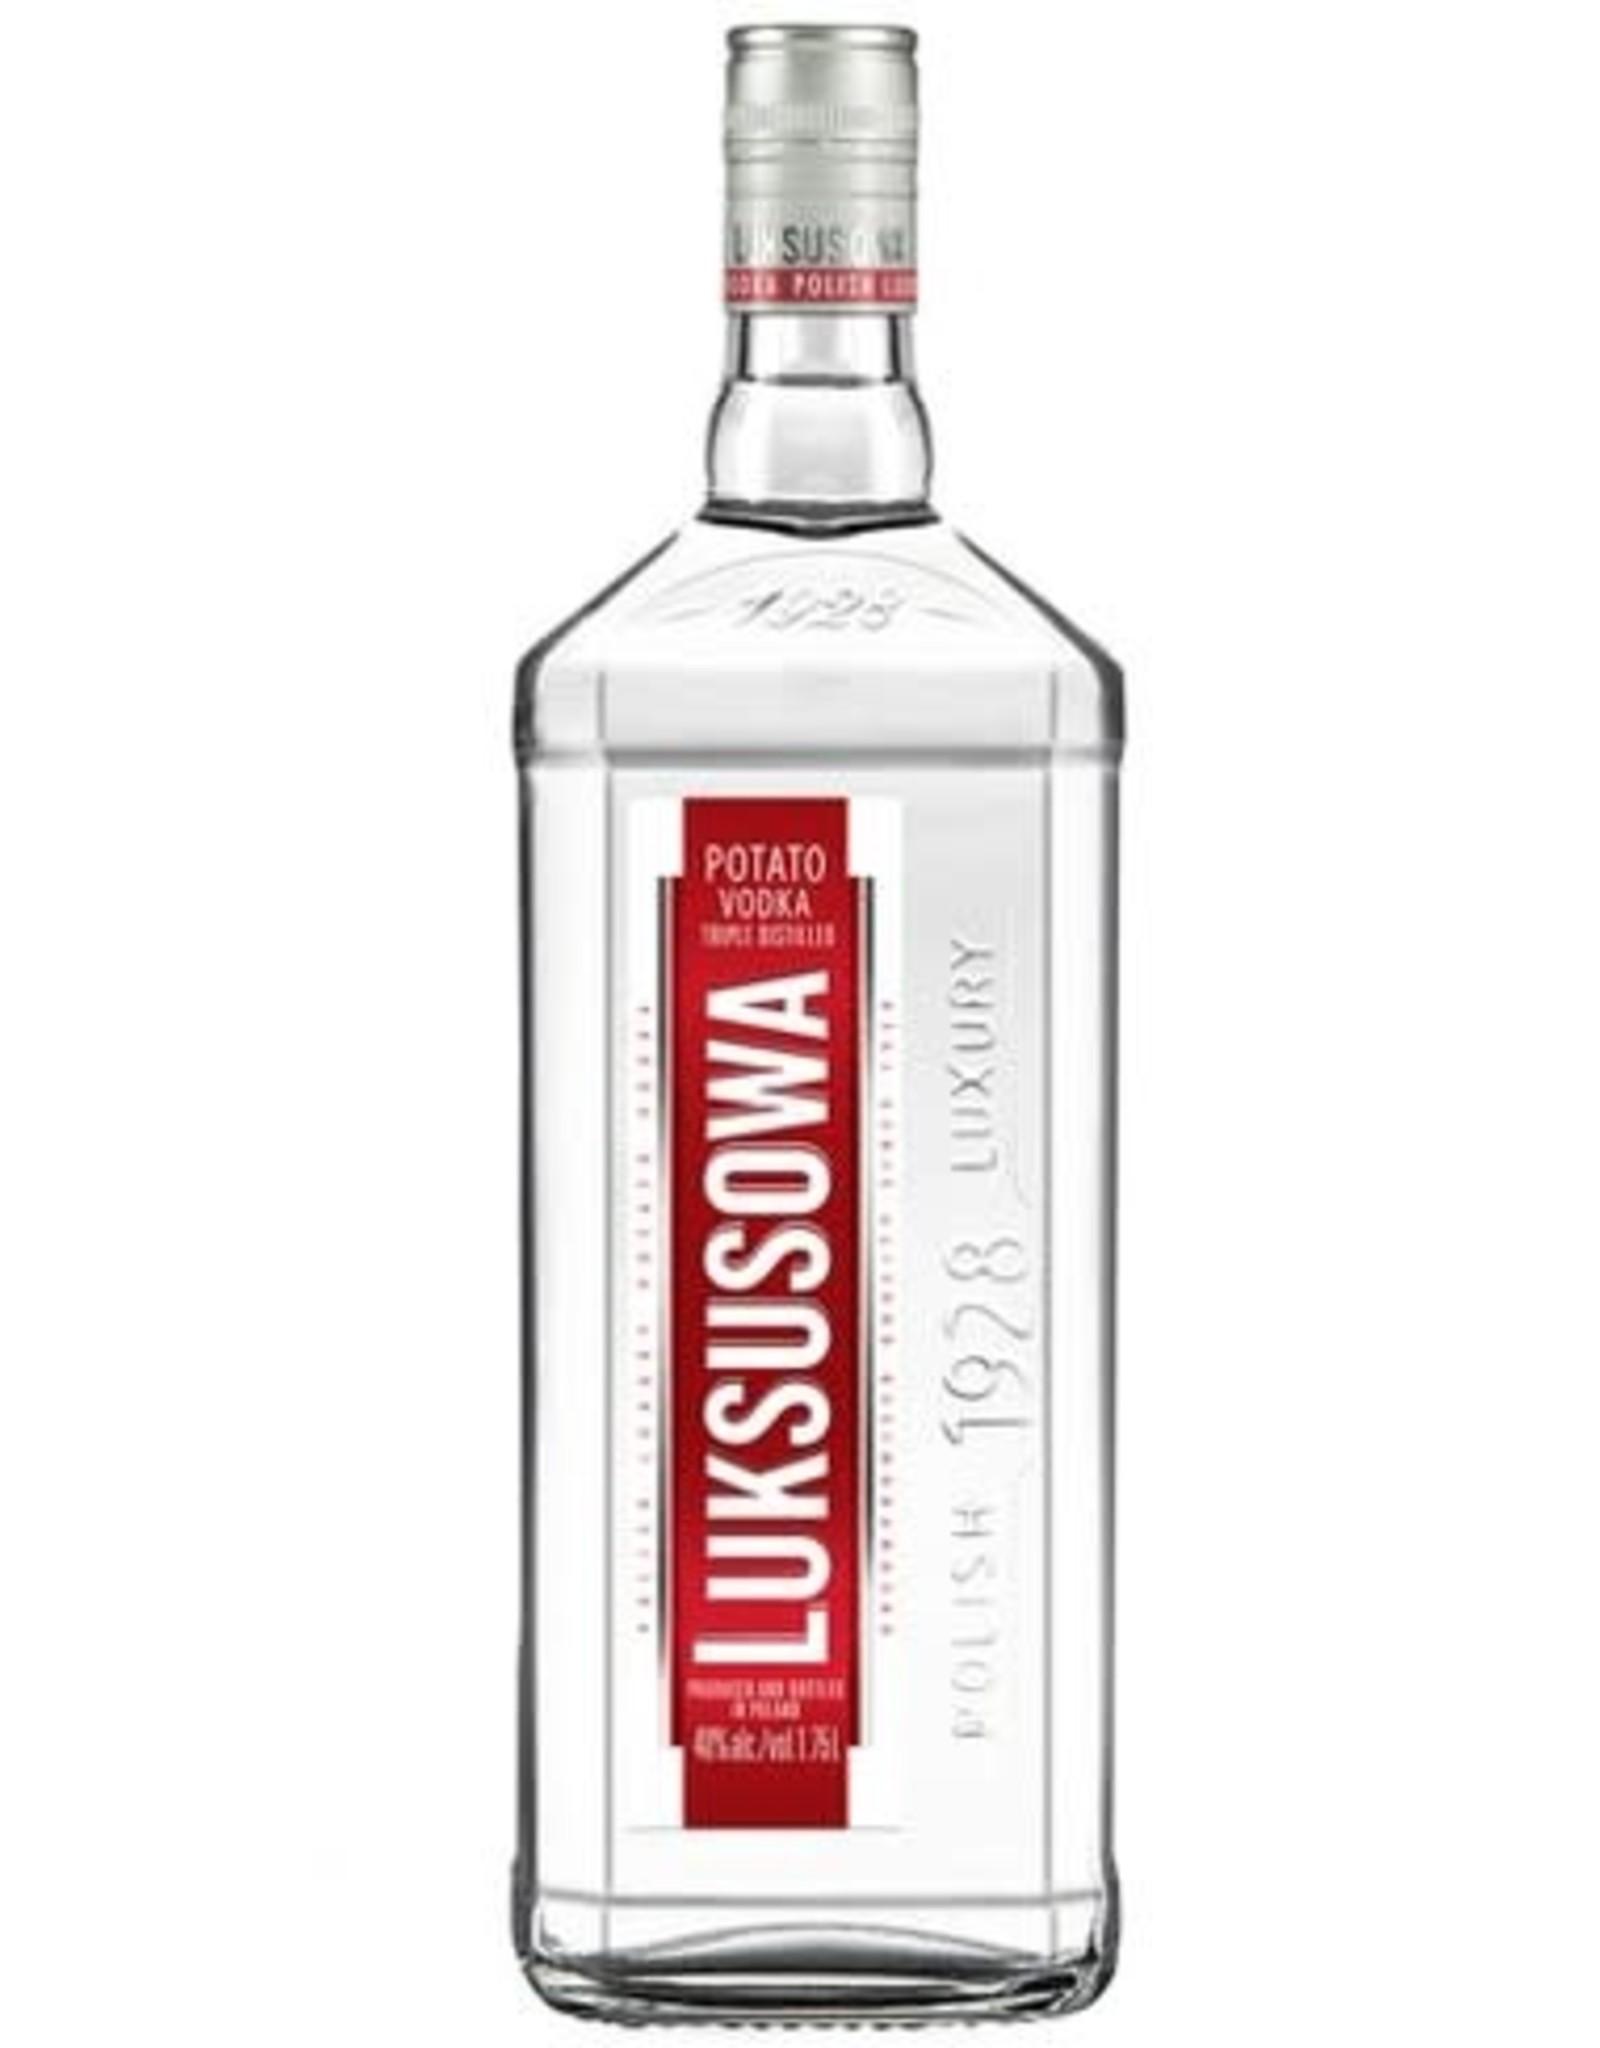 Luksusowa Luksusowa Vodka 1.75L